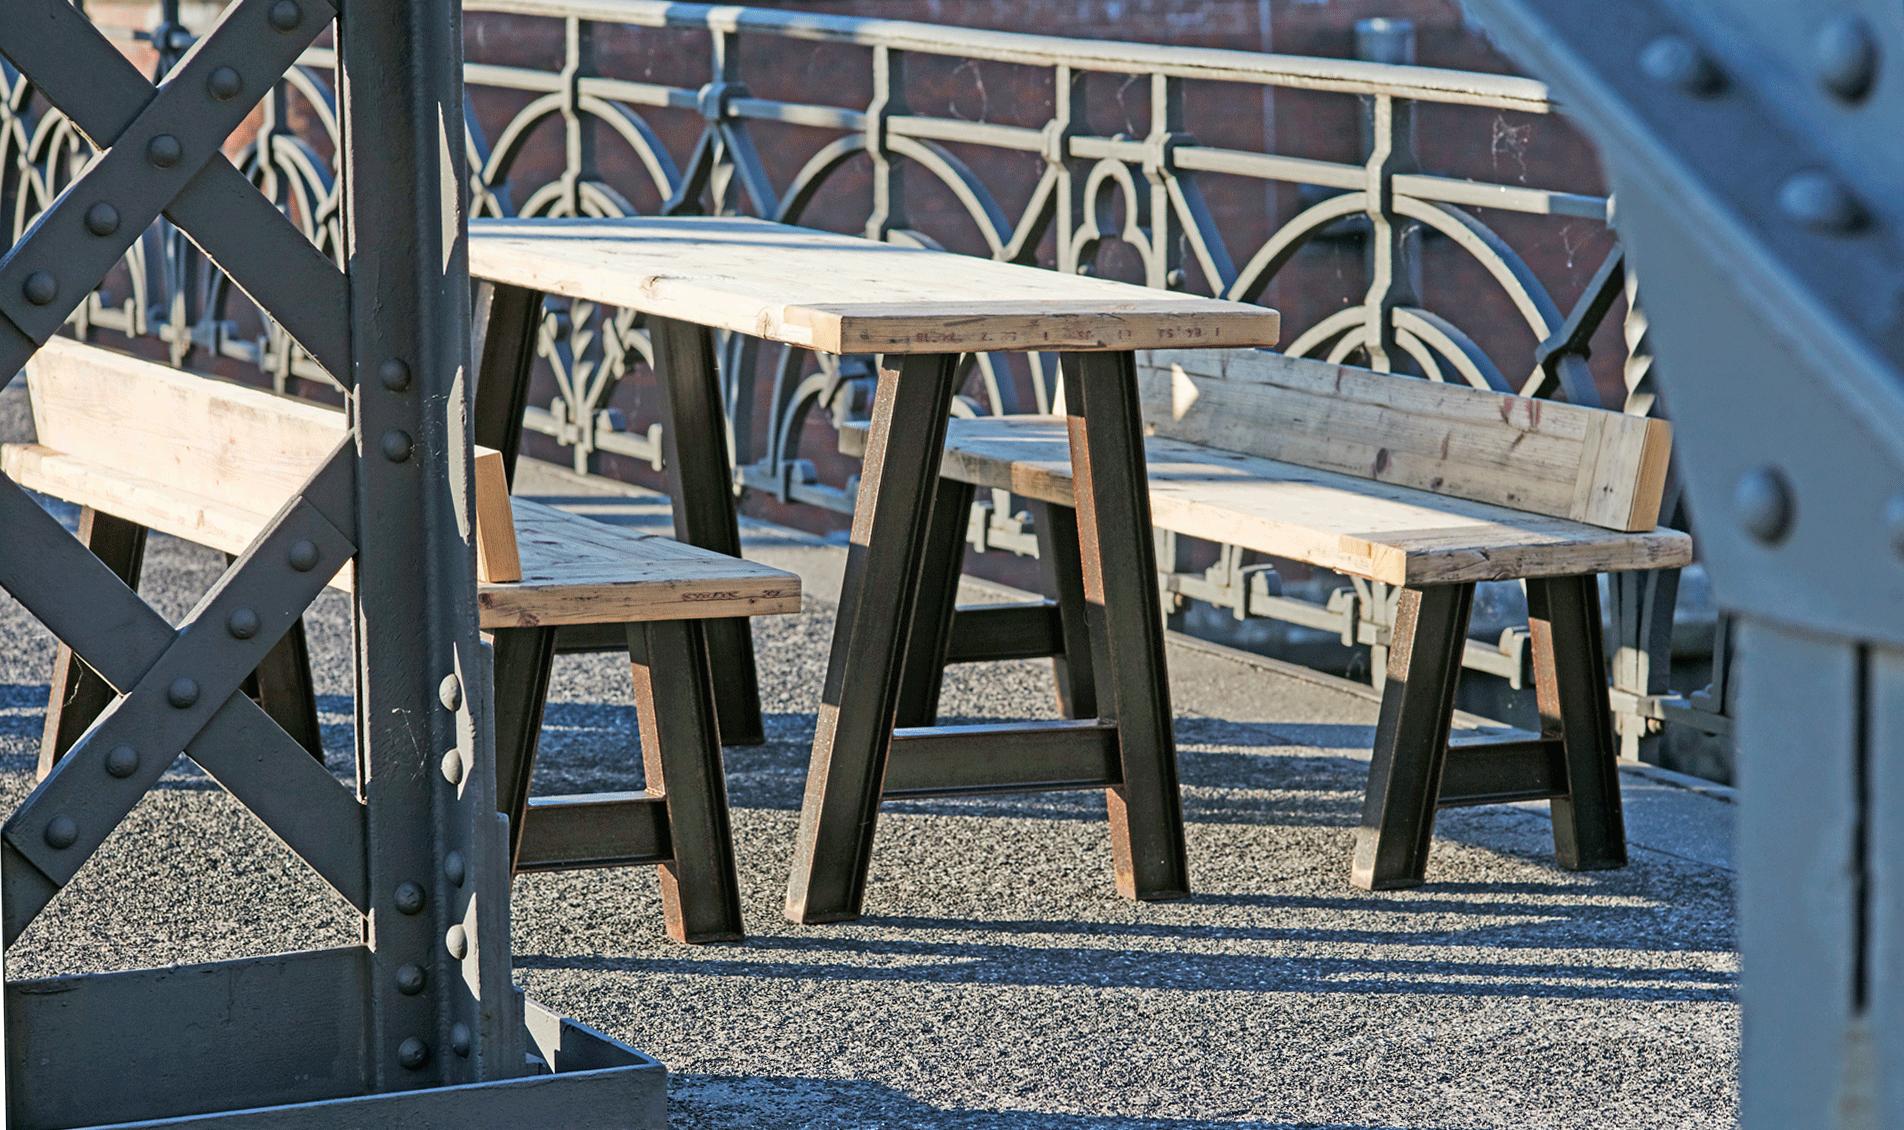 Outdoor-Tisch mit Sitzbank   JANSSON Mashup Design, Hamburg